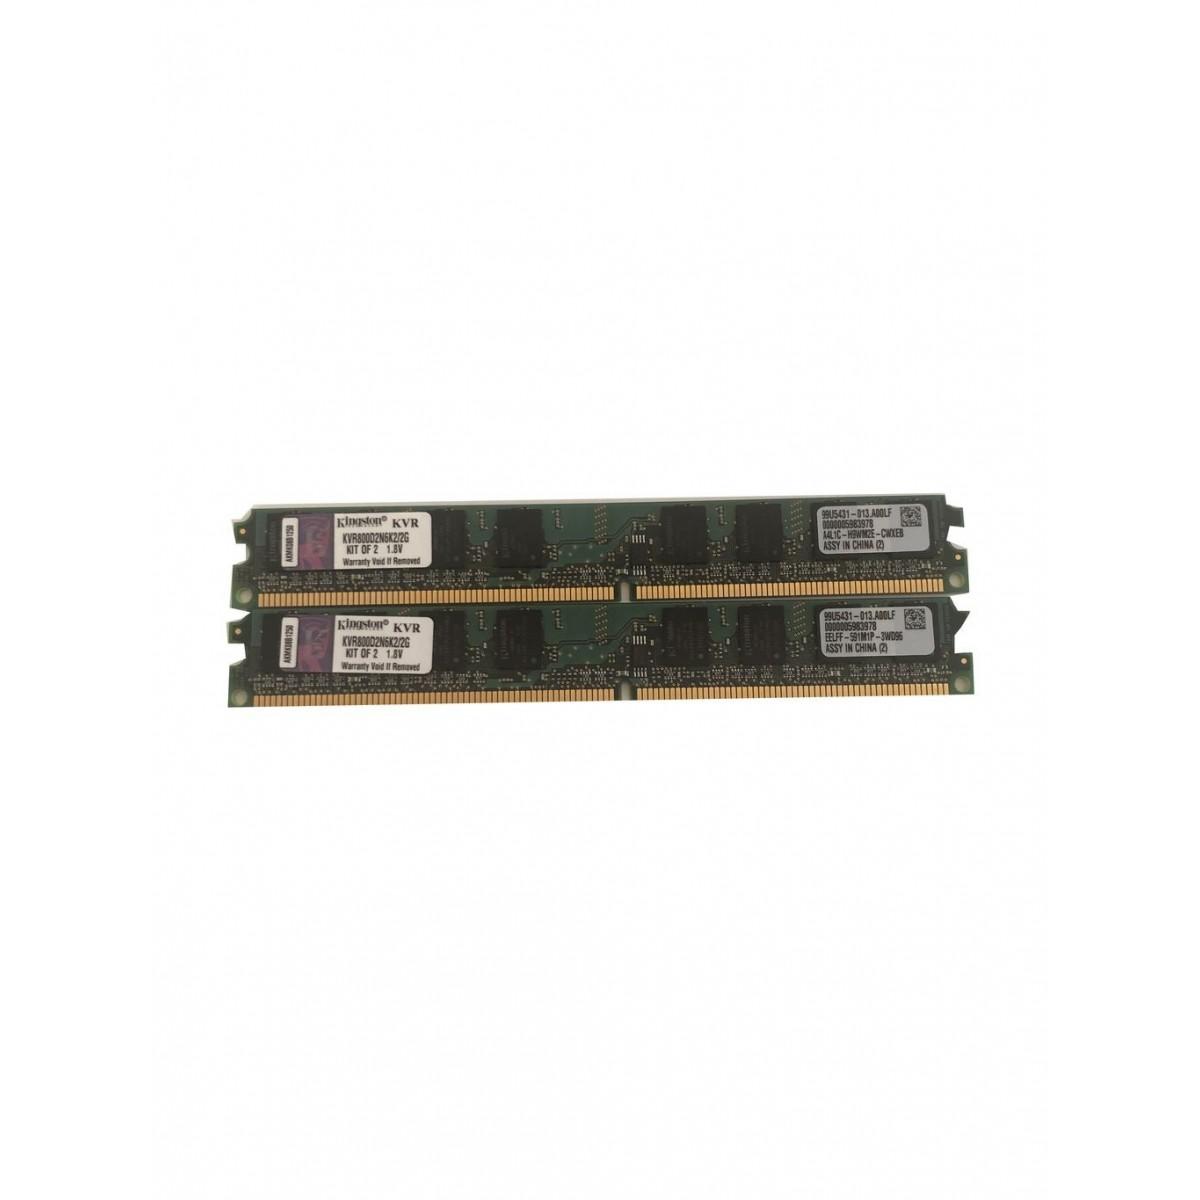 DELL R900 4x2,40QC 128GB 4x300 SAS 2PSU PERC6i